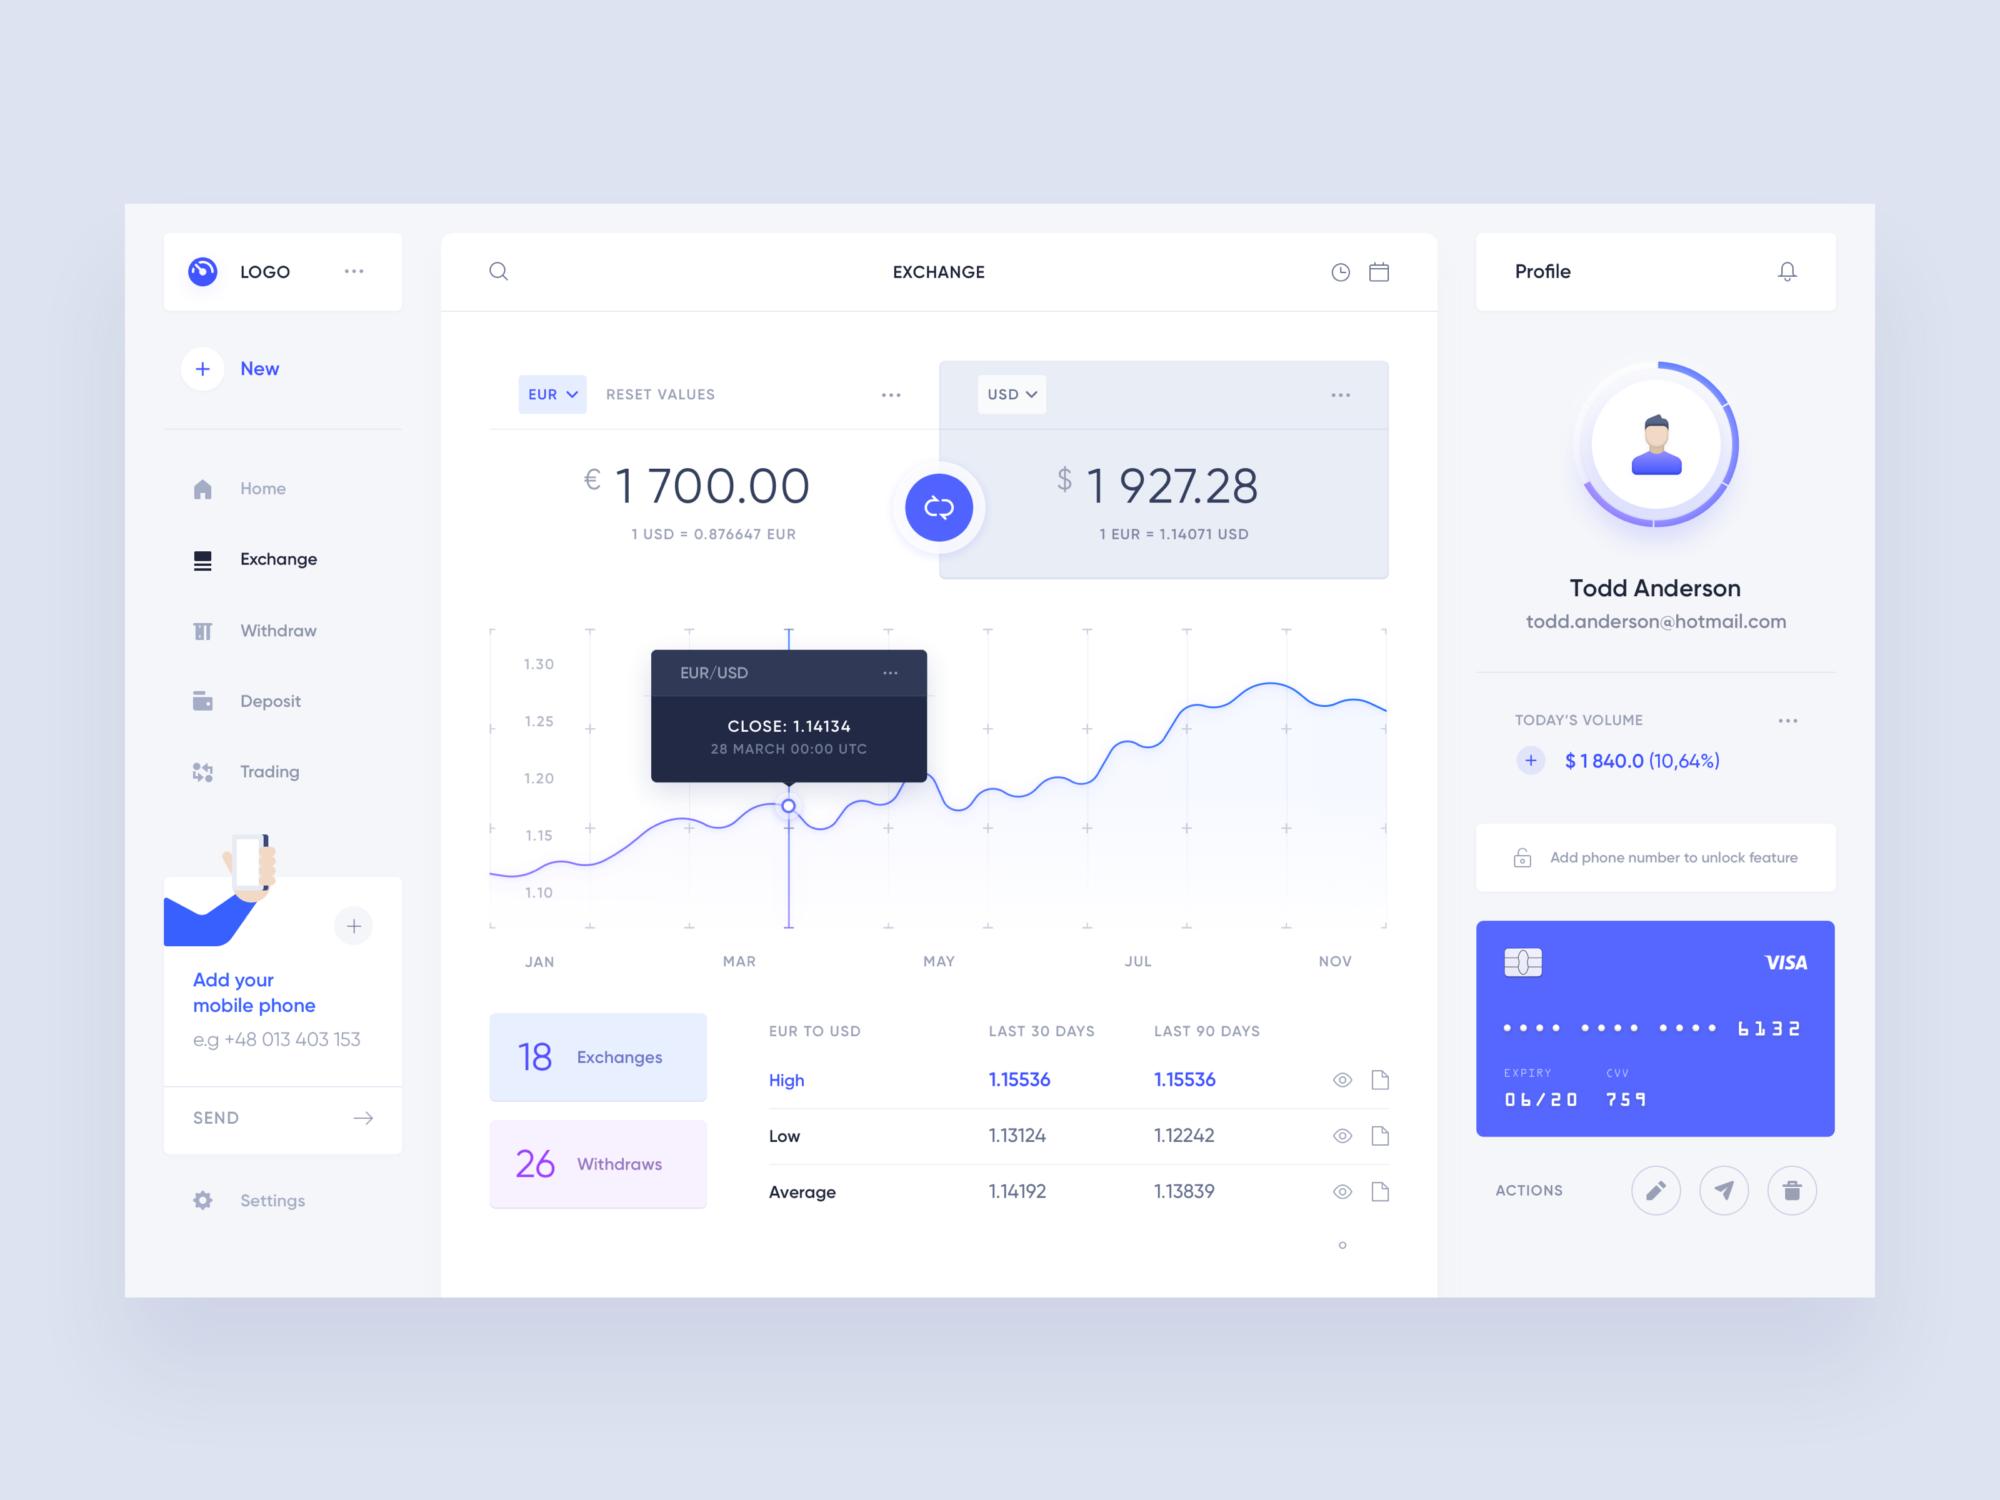 enchange app design